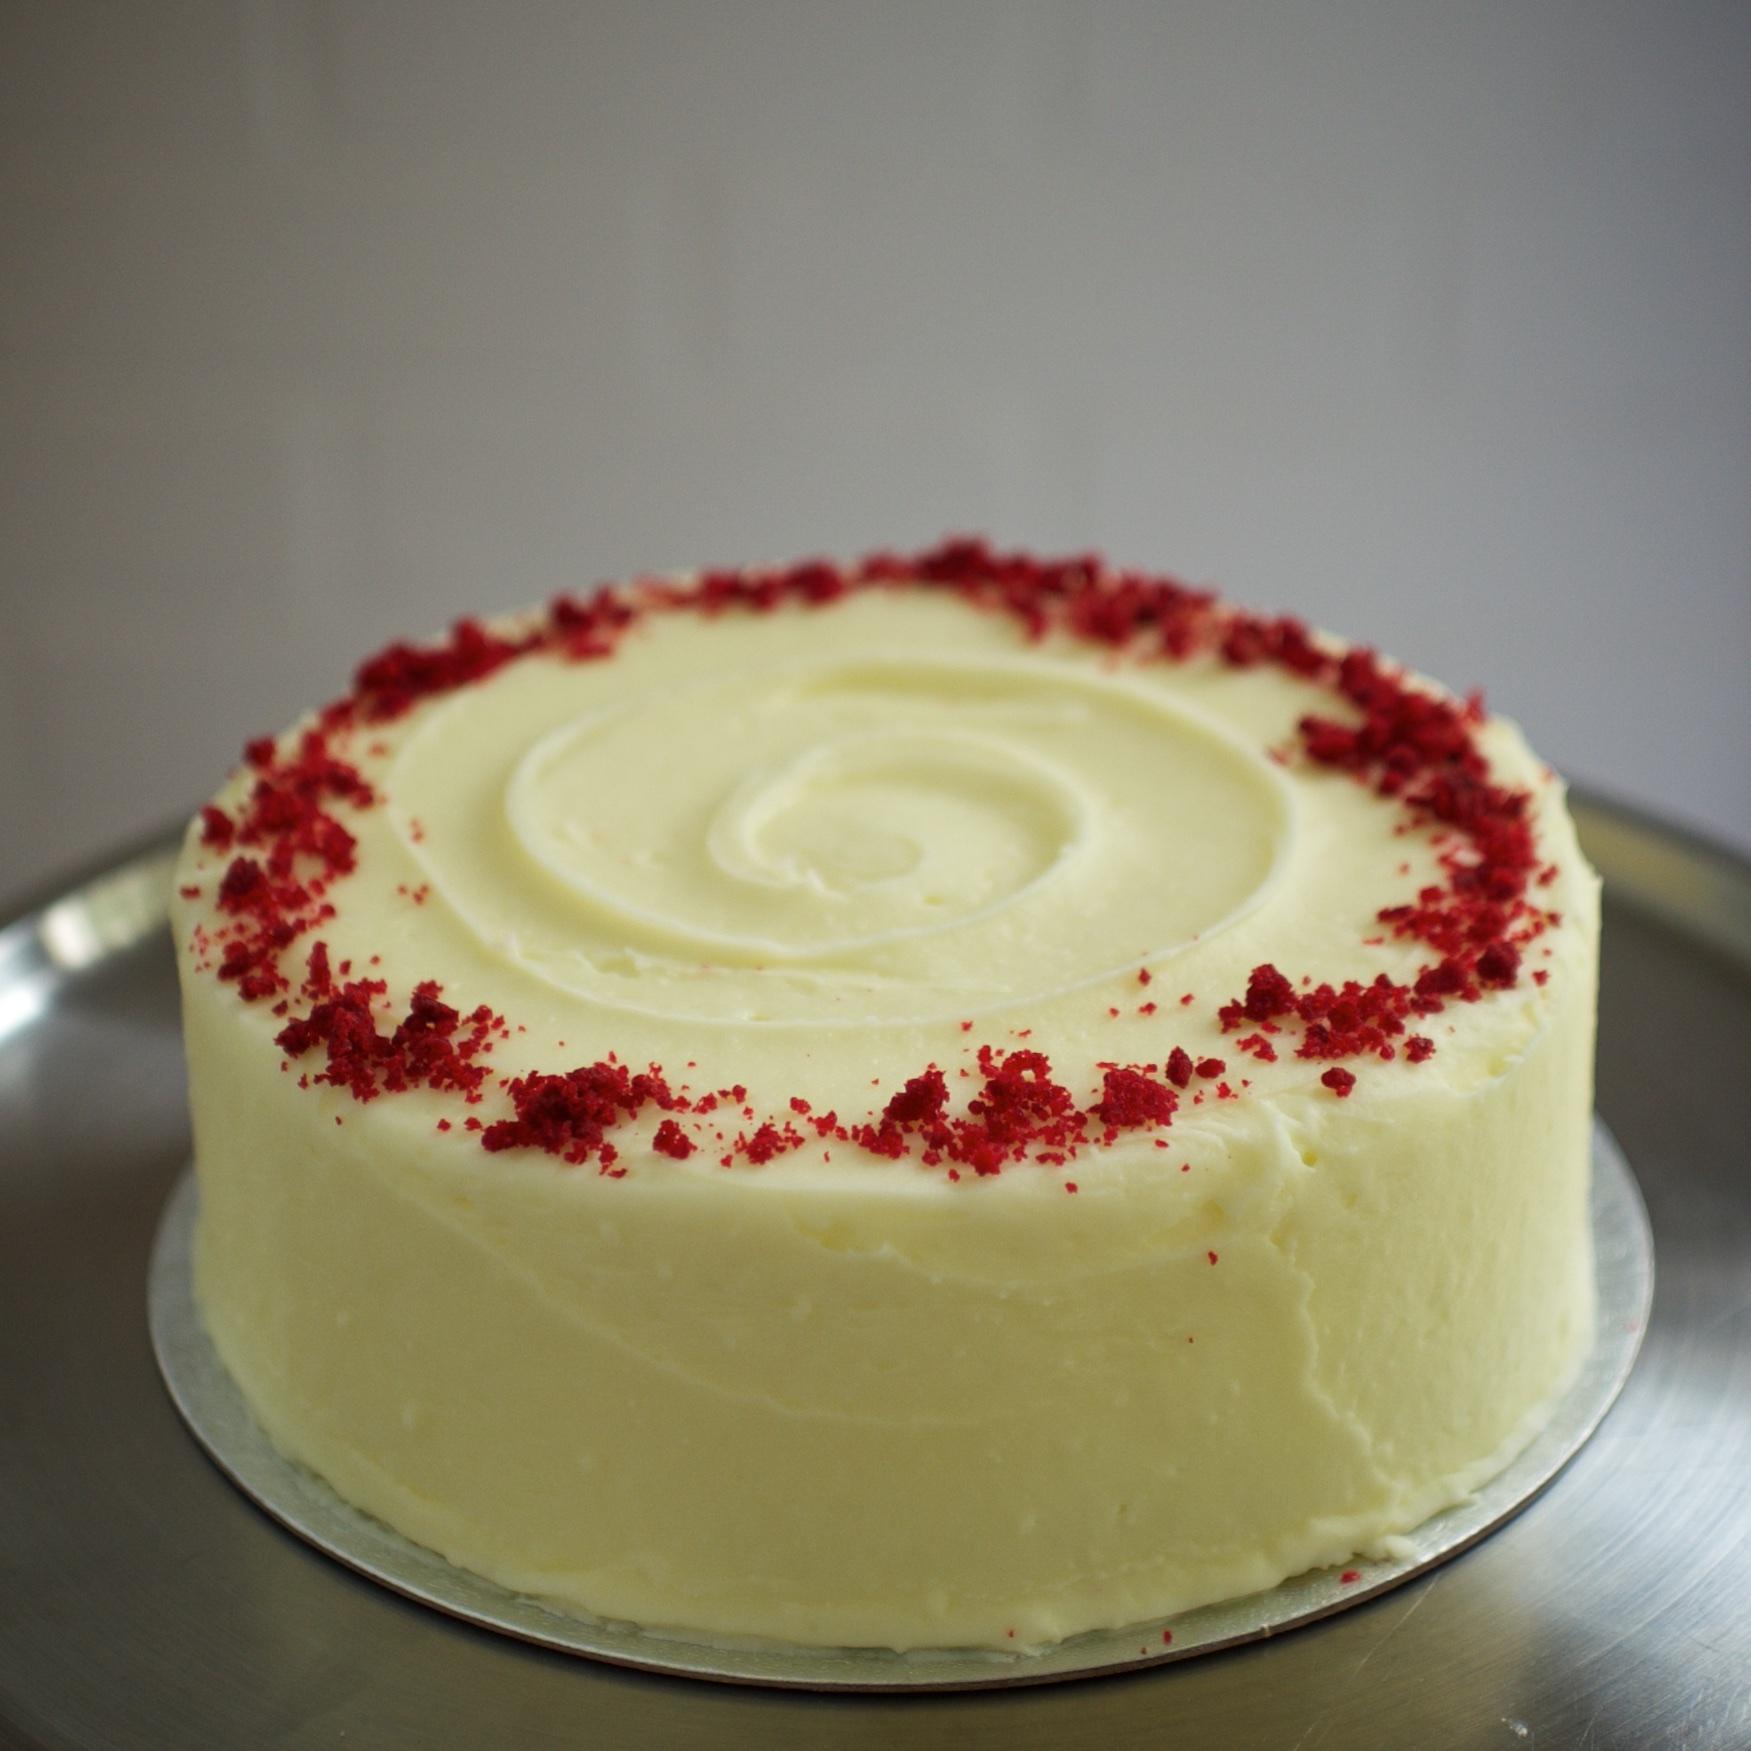 Red Velvet Cake    From £18.00